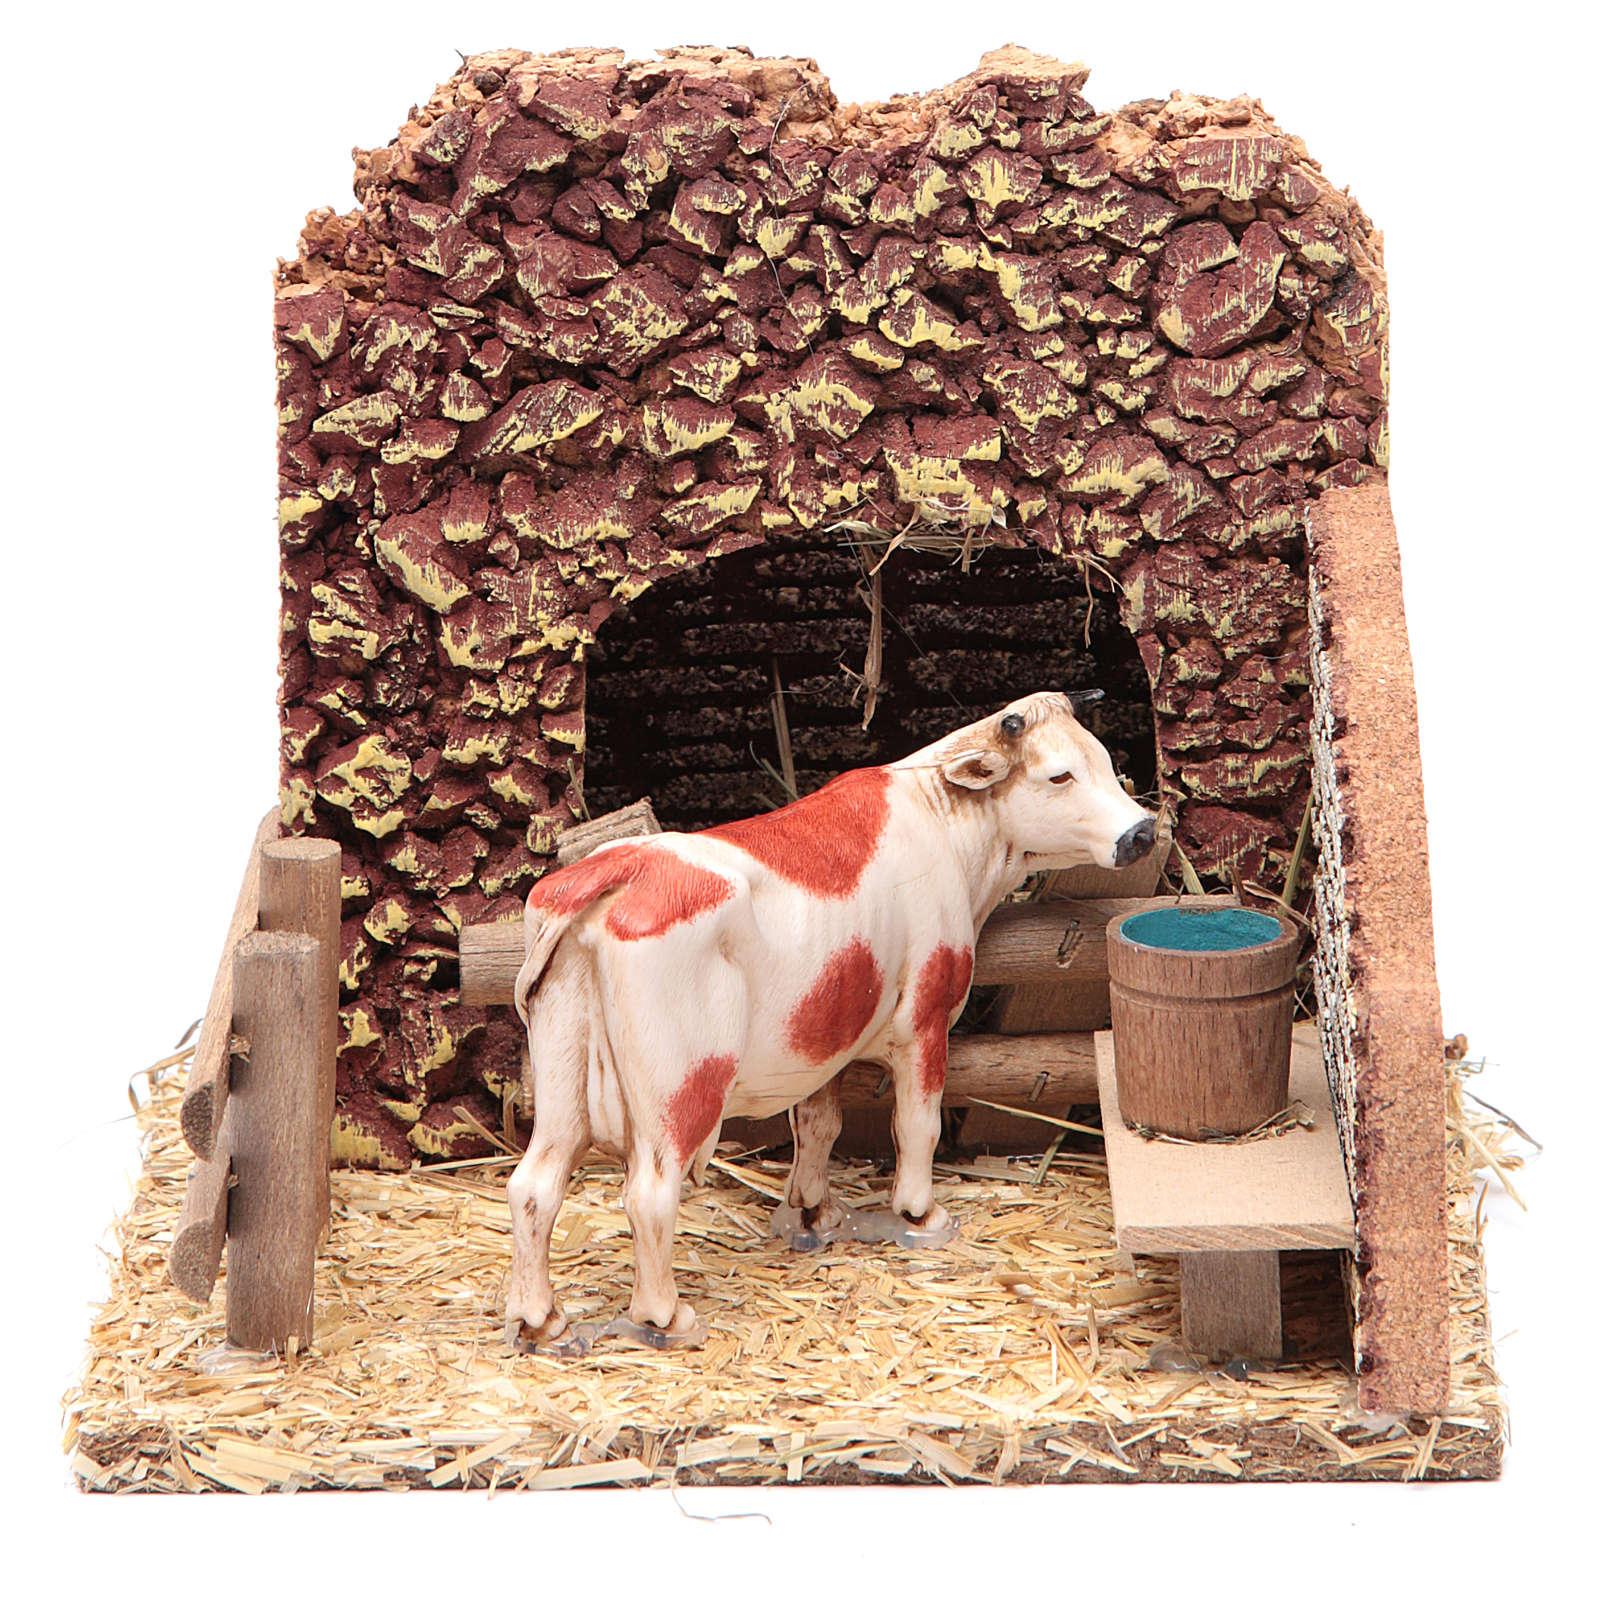 Vaca en el establo escenografía belén 4